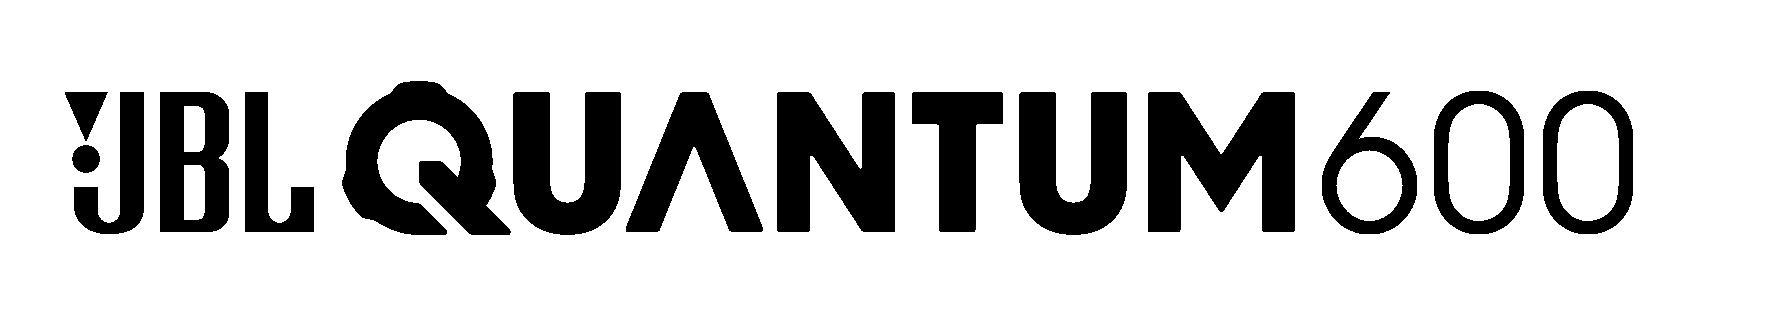 Quantum 600